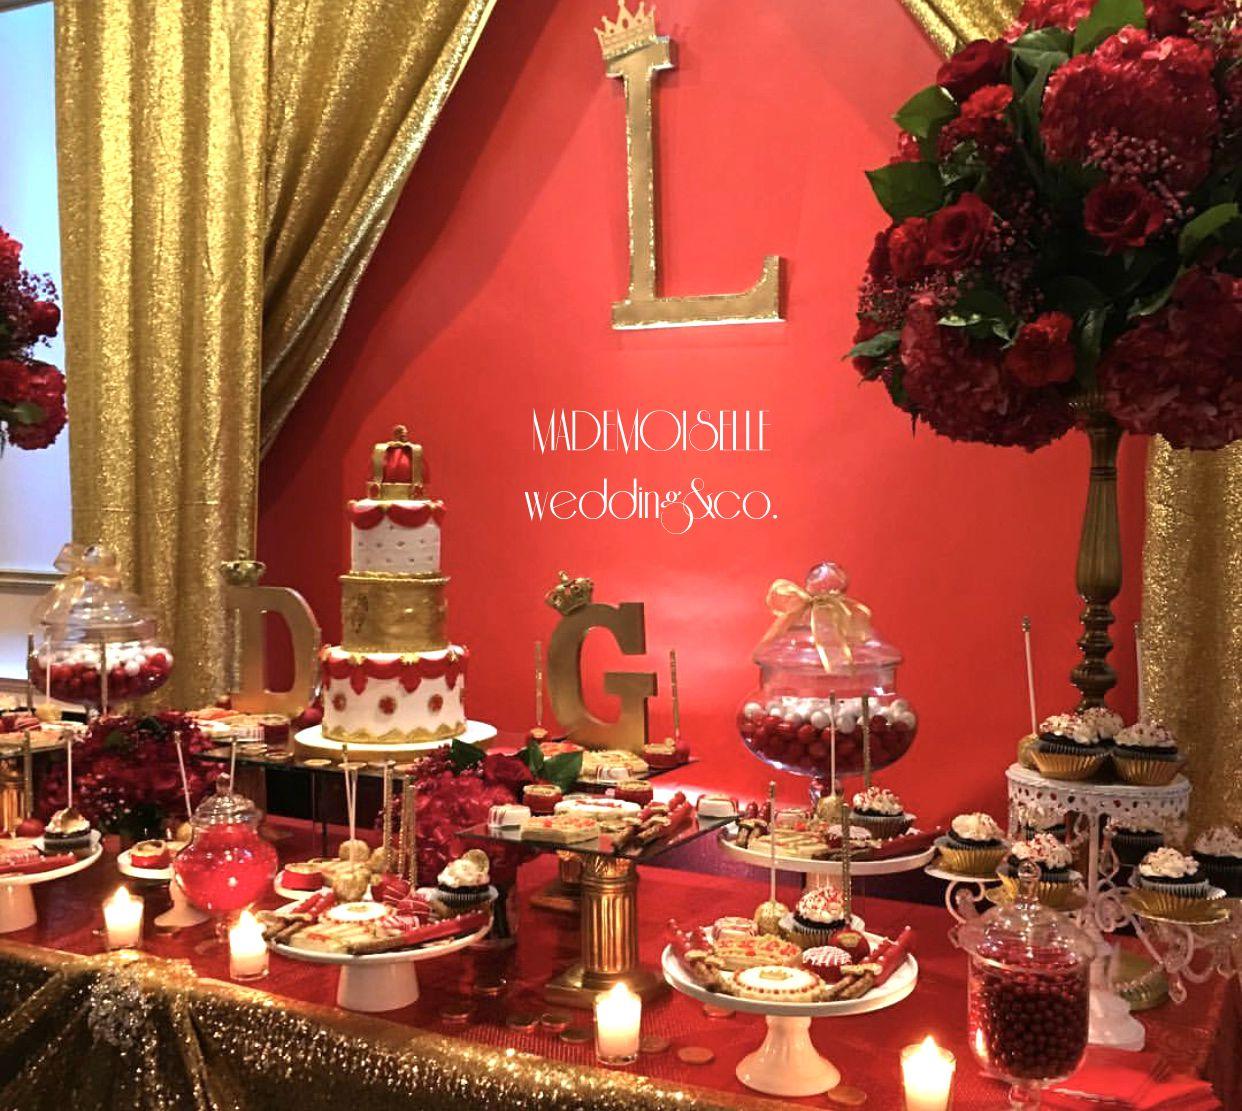 IMG_E4540-slatki sto-crvena dekoracija-crvene ruze-dekoracija rodjendana-dekoracija za svadbe-kolacici-crveno zlatna dekoracija slatkog stola